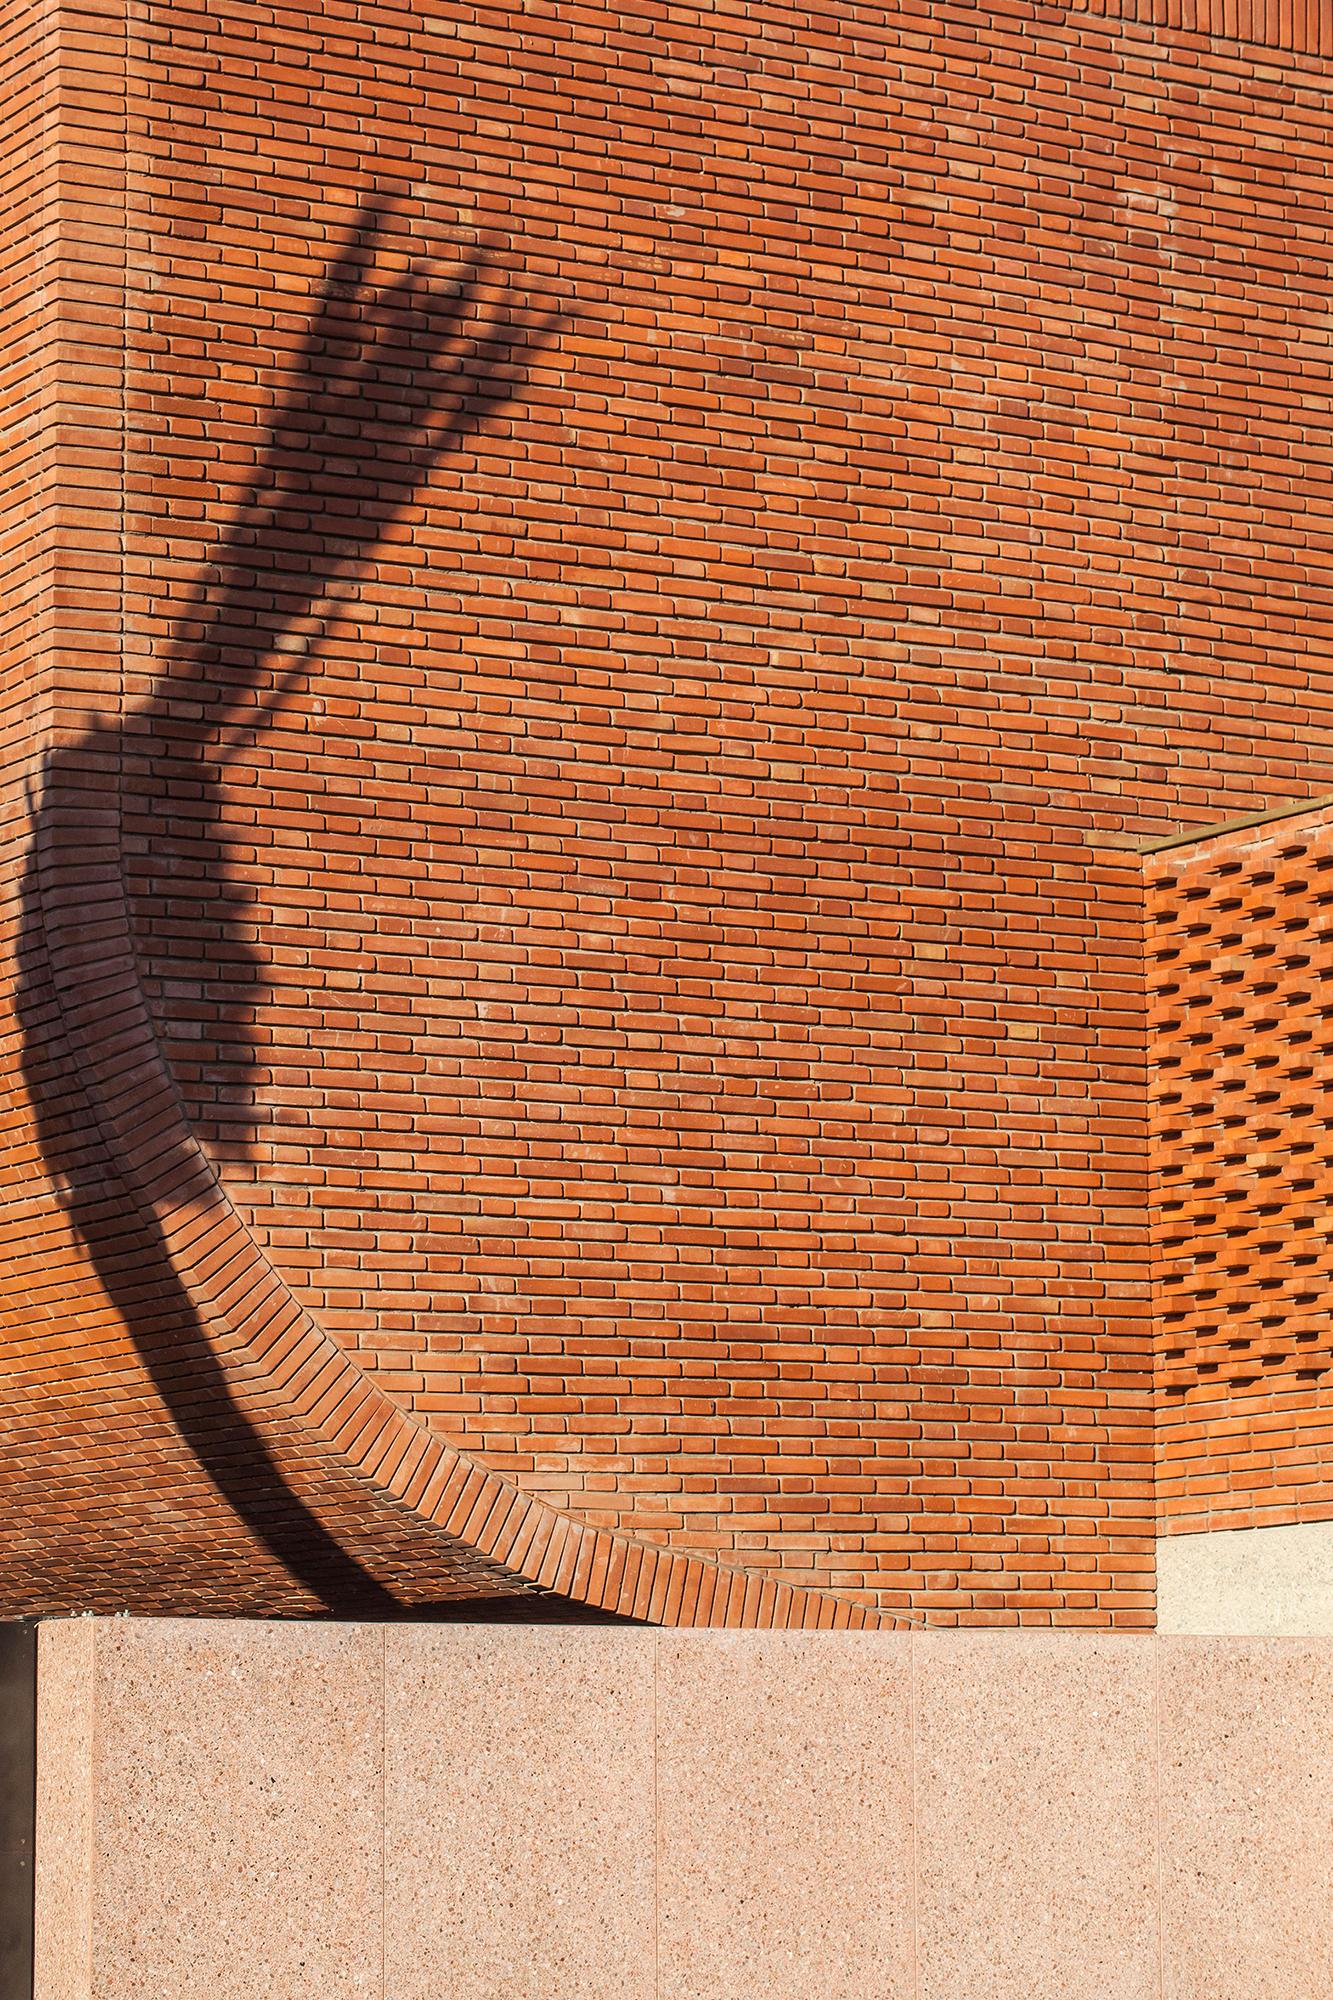 Musée Yves St Laurent Maroc Brique et ombres